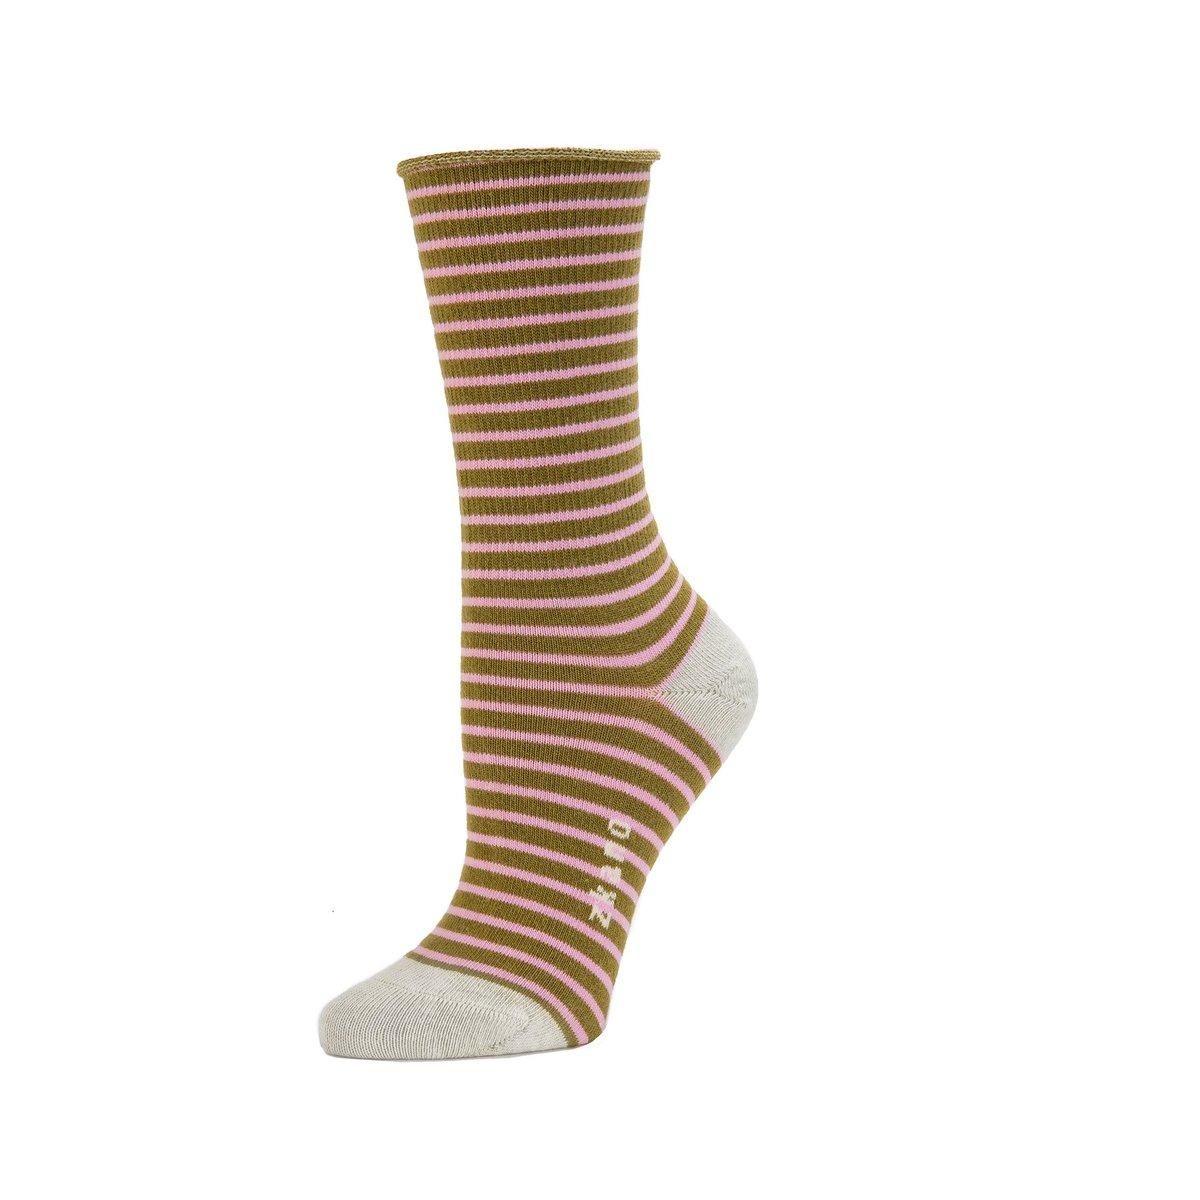 Image of Zkano Stripe Slouch Socks - Moss (organic cotton)